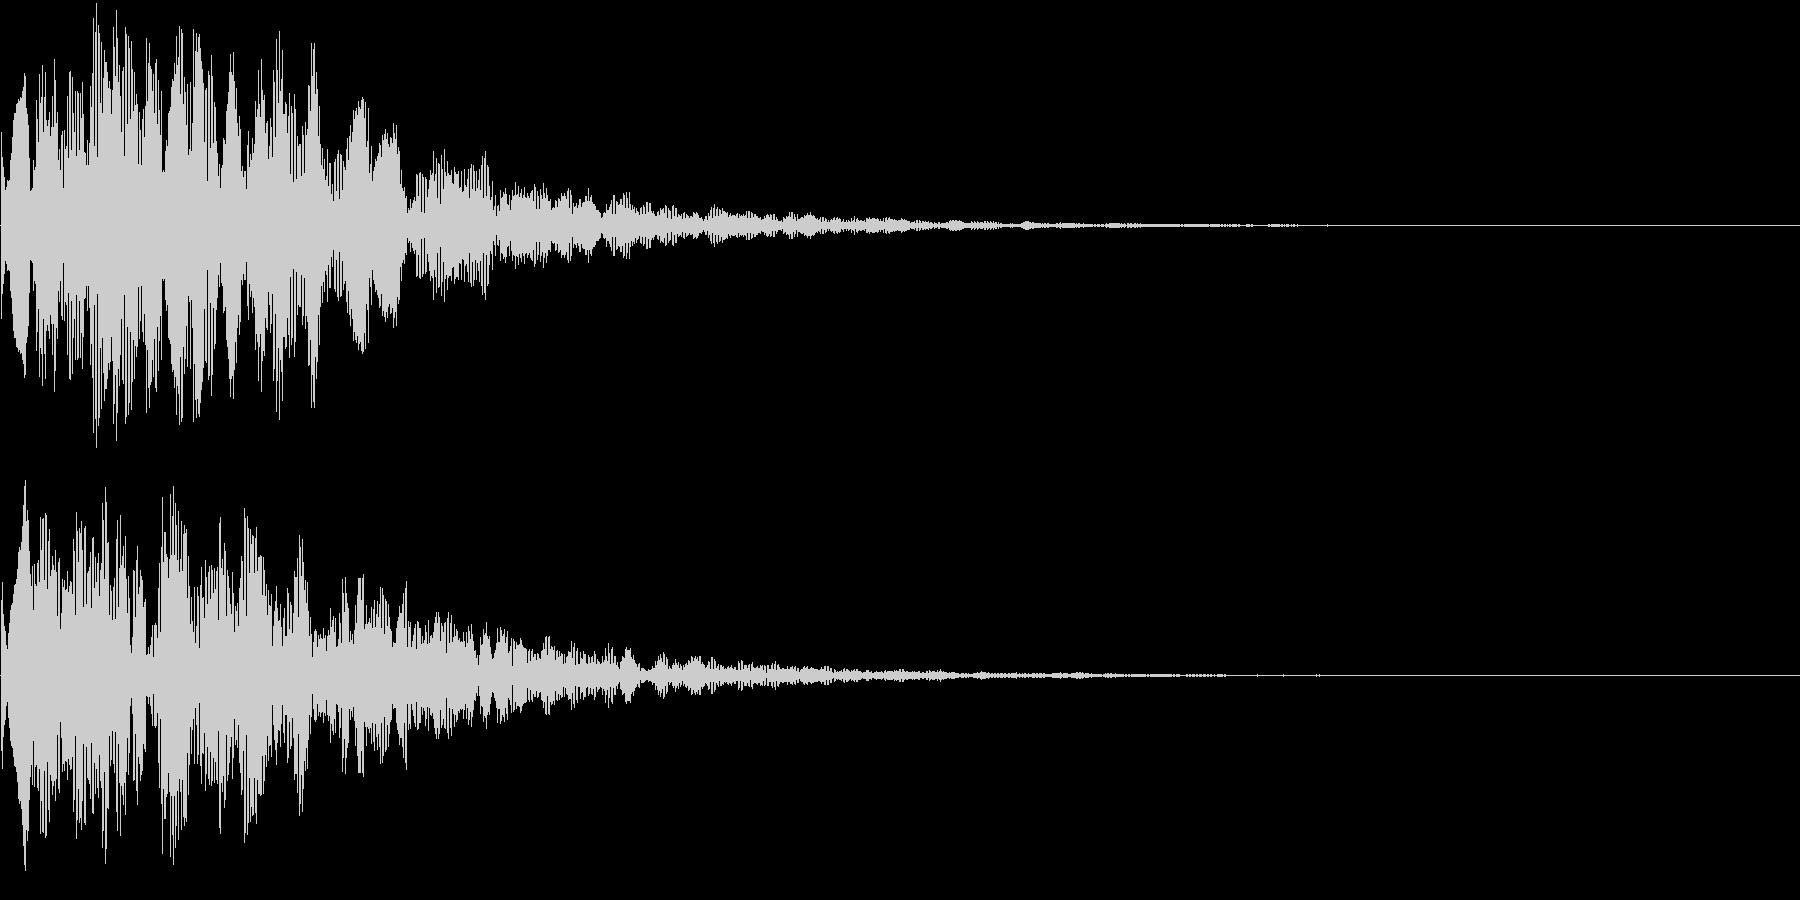 決定音(ピコーン)の未再生の波形